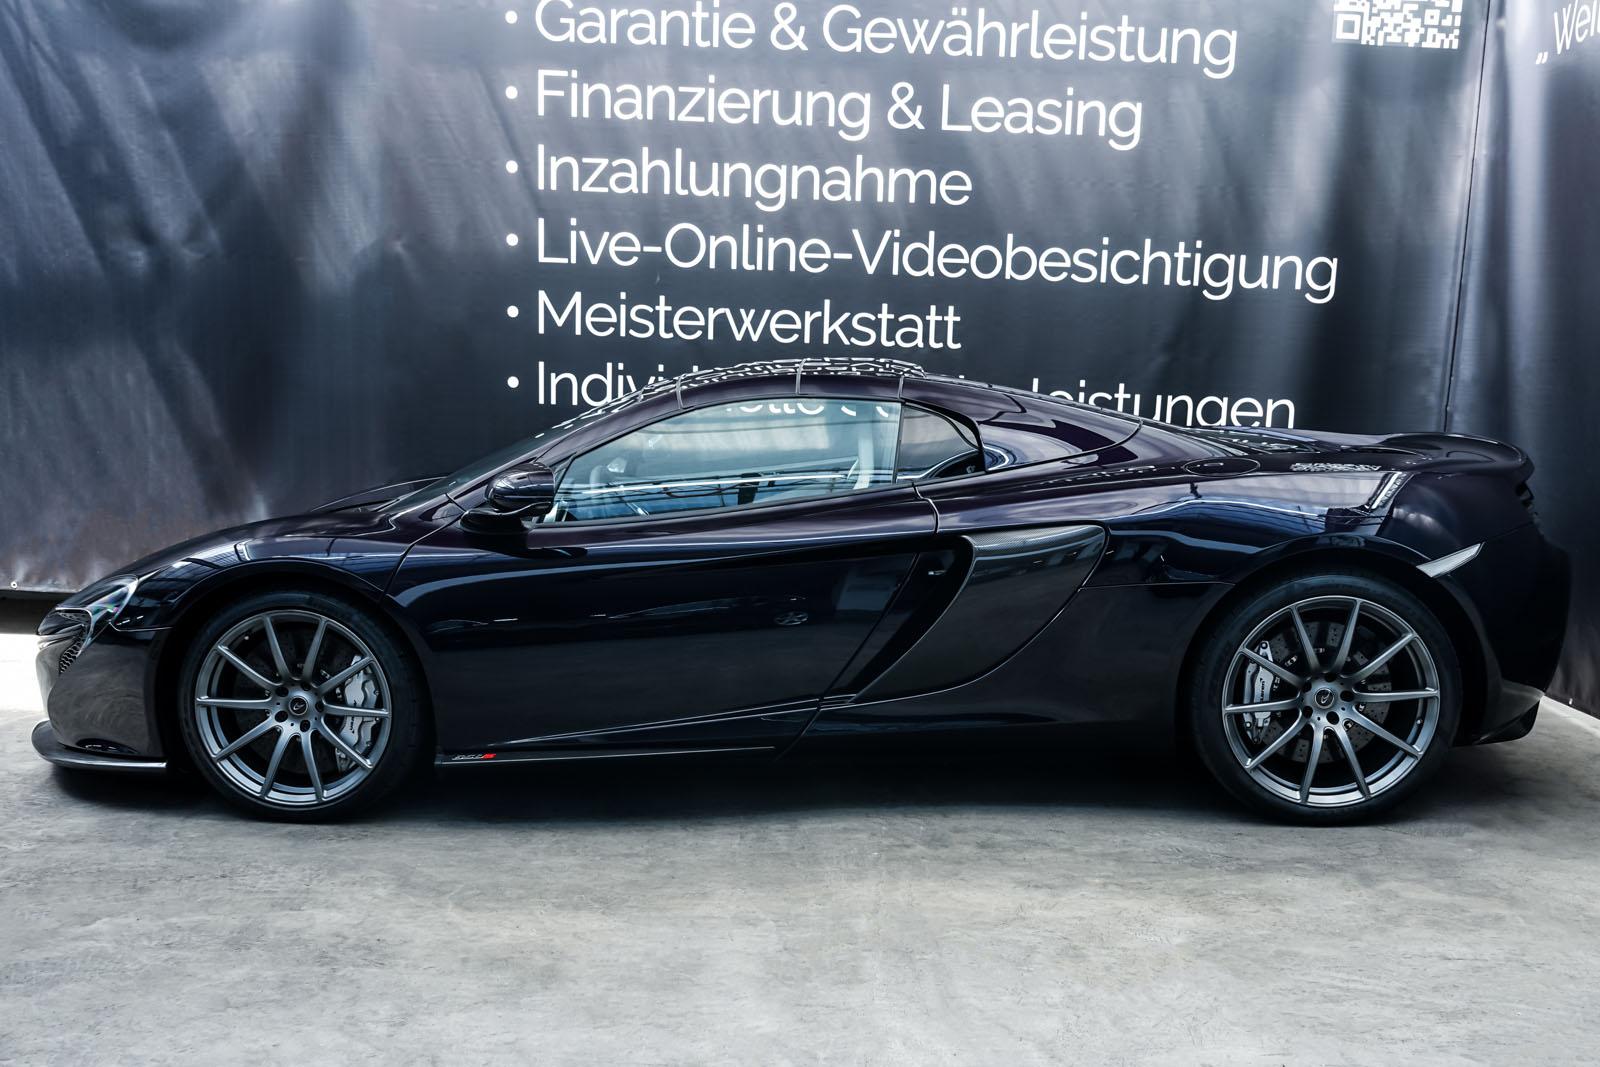 McLaren_650S_Spider_Schwarz_Weiß_MCL-6007_5_w